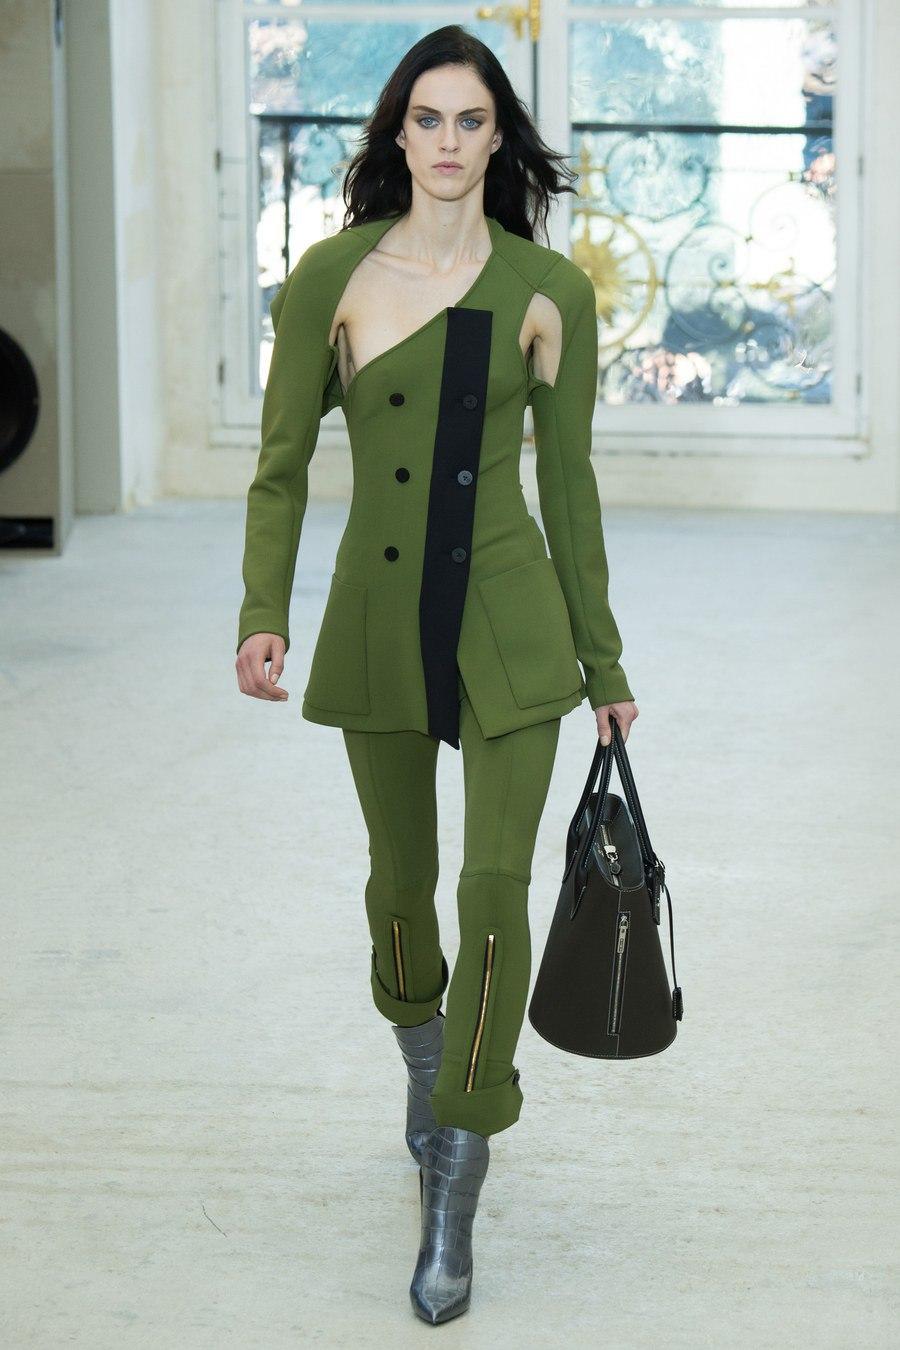 Чорні брюки зі шкіри стали улюбленою частиною жіночого гардеробу для  багатьох модельєрів - просто справжній бум шкіряних штанів в новому сезоні. 42513de0daa85